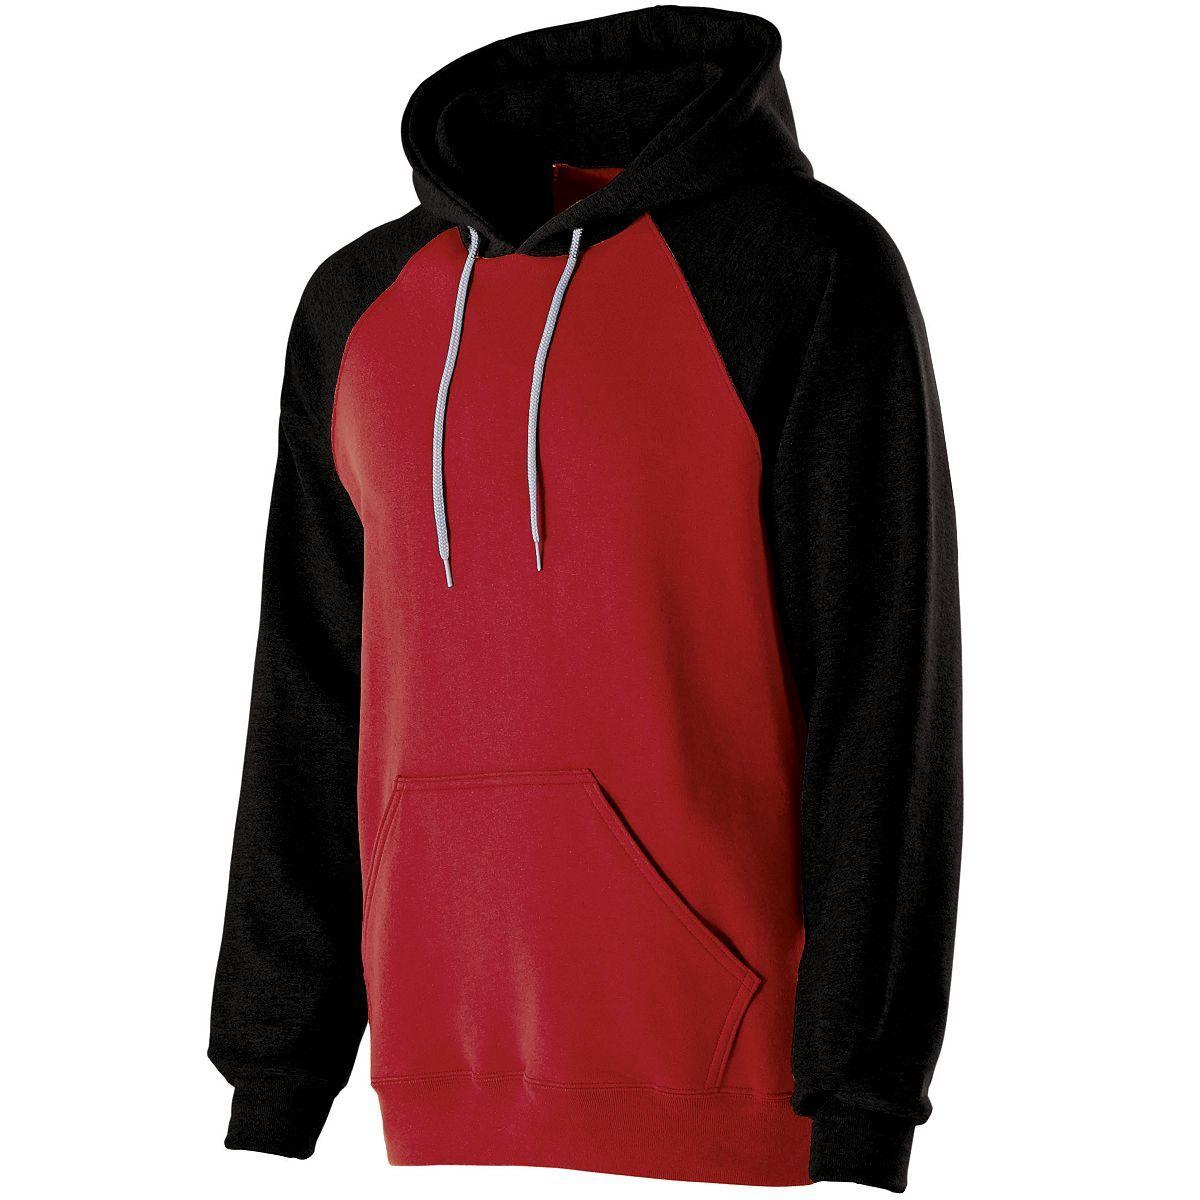 Banner Hoodie - RED/BLACK